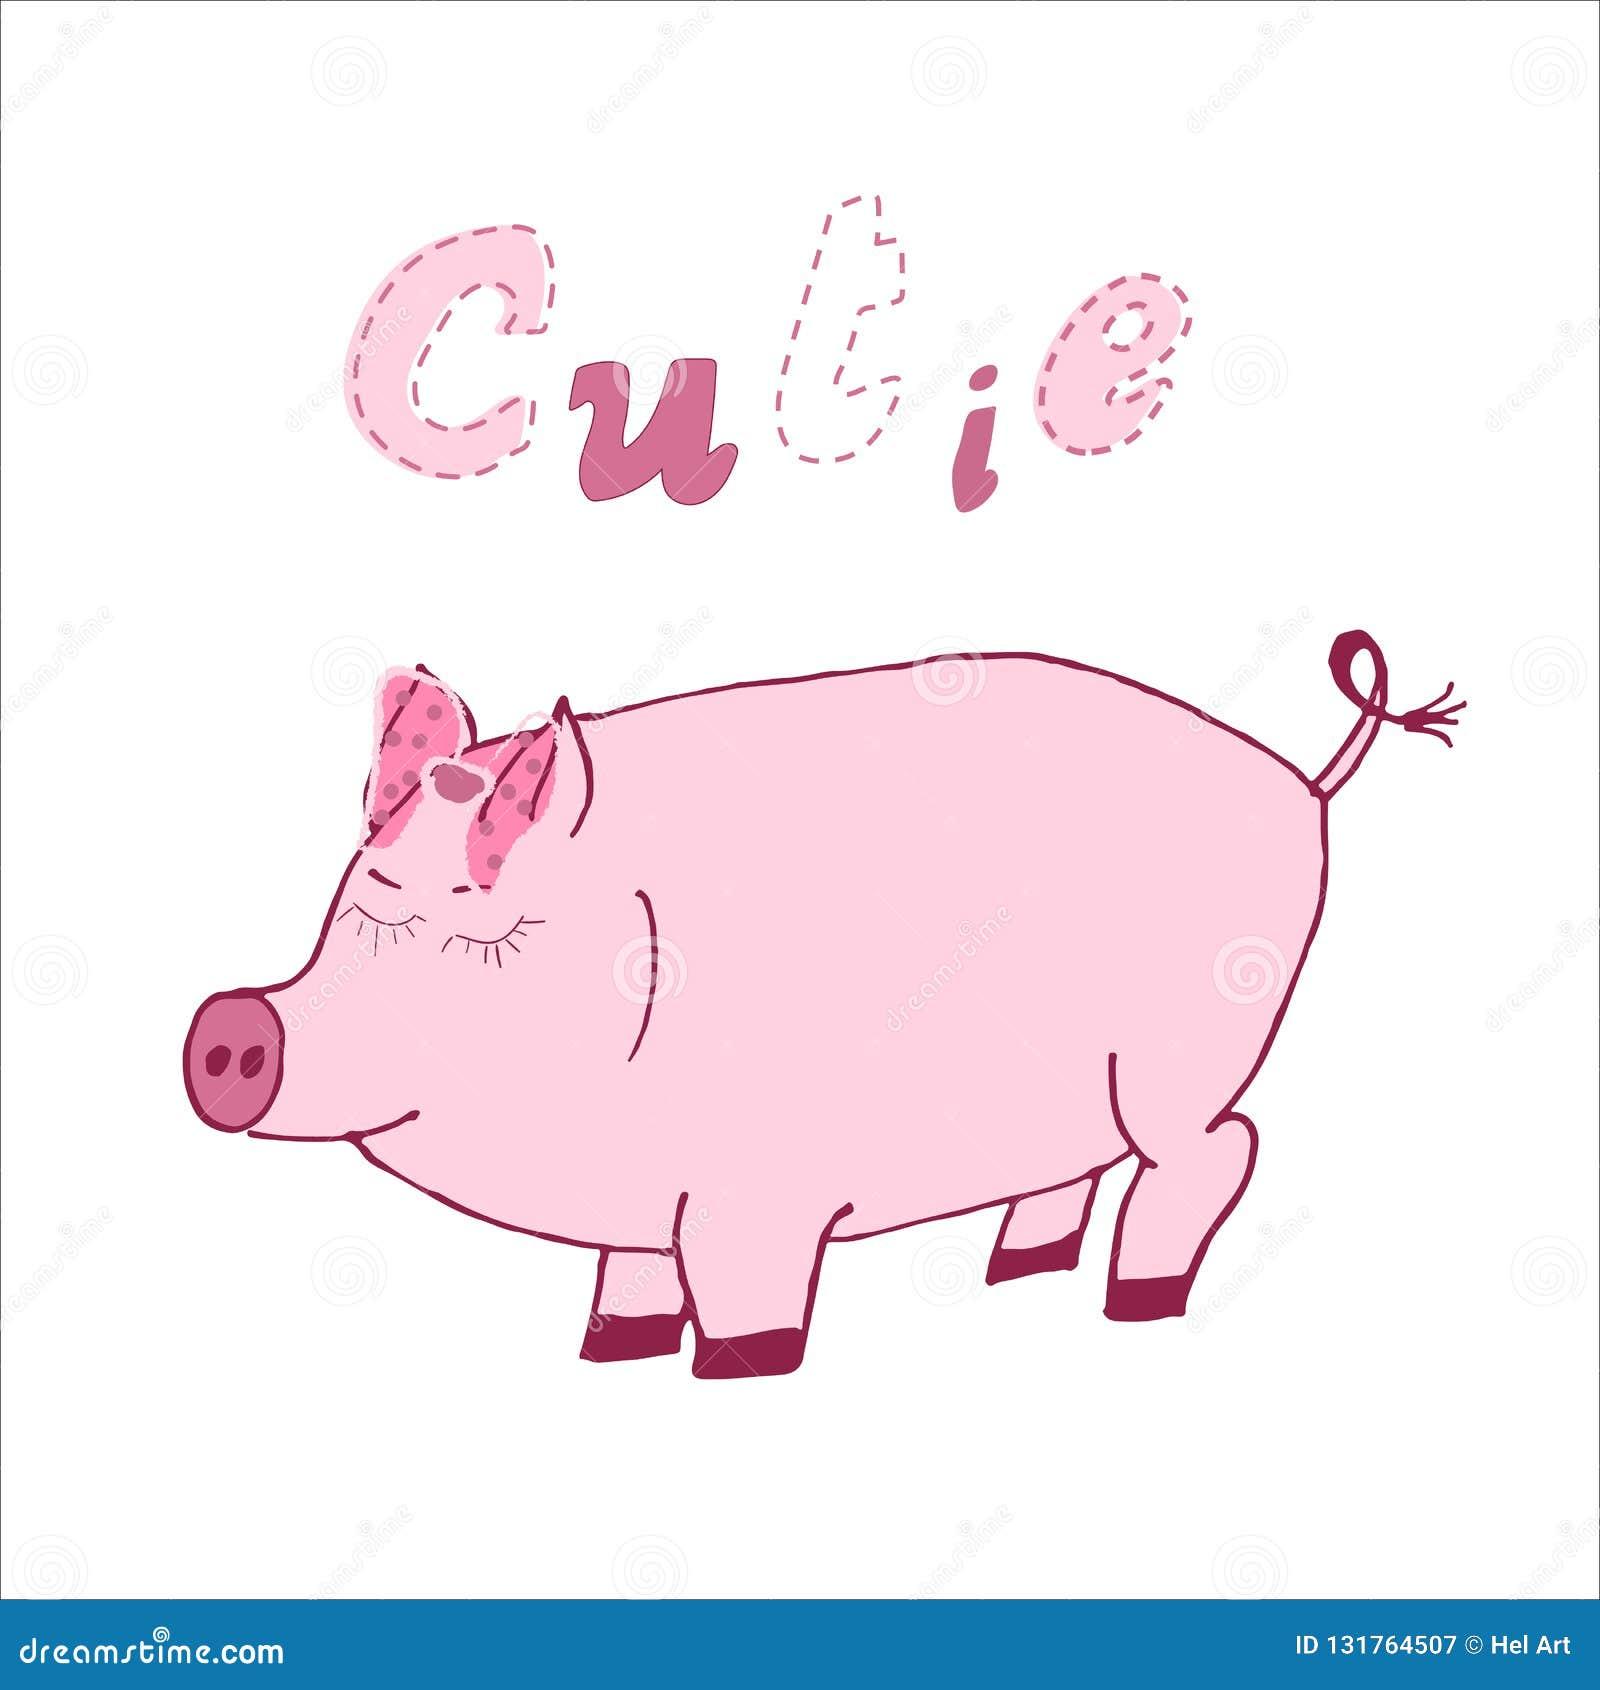 Handgezogene Vektorillustration eines netten Karikaturschweins mit kalligraphische Hand schriftlichem Zitat Cutie Skandinavischer